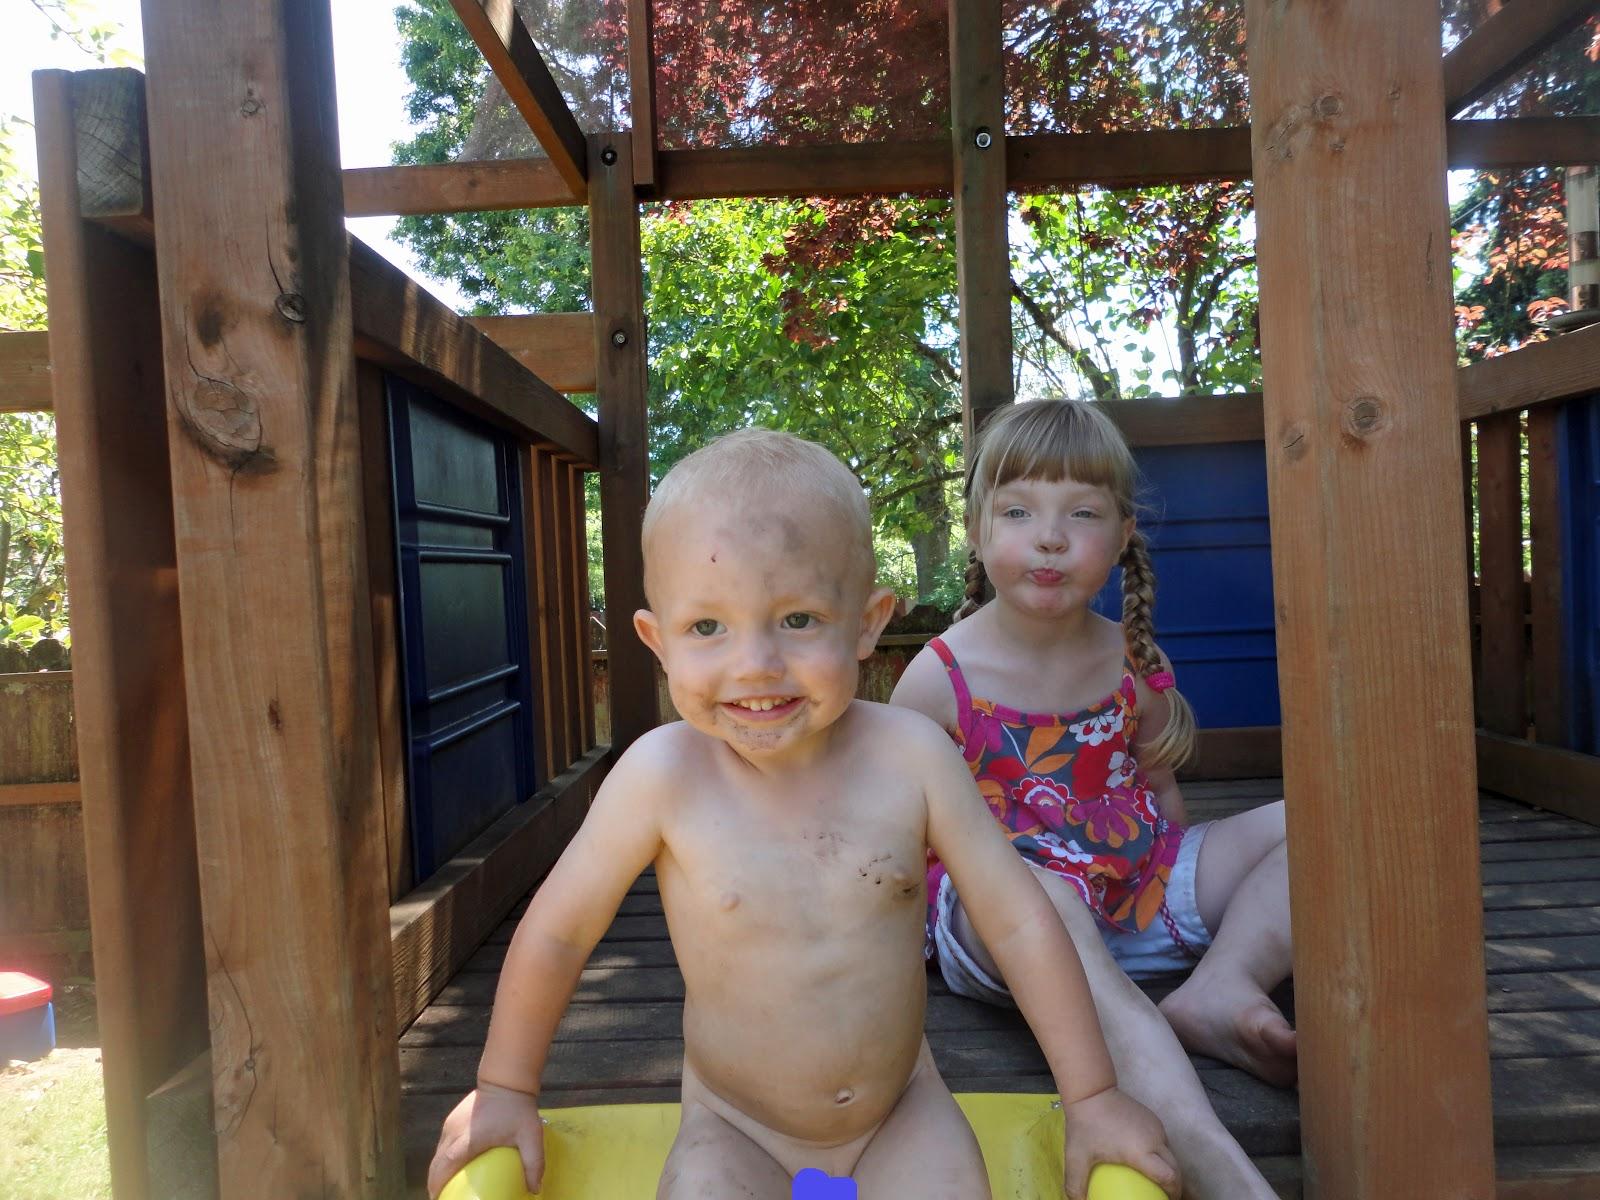 Nudist toddler girls playing